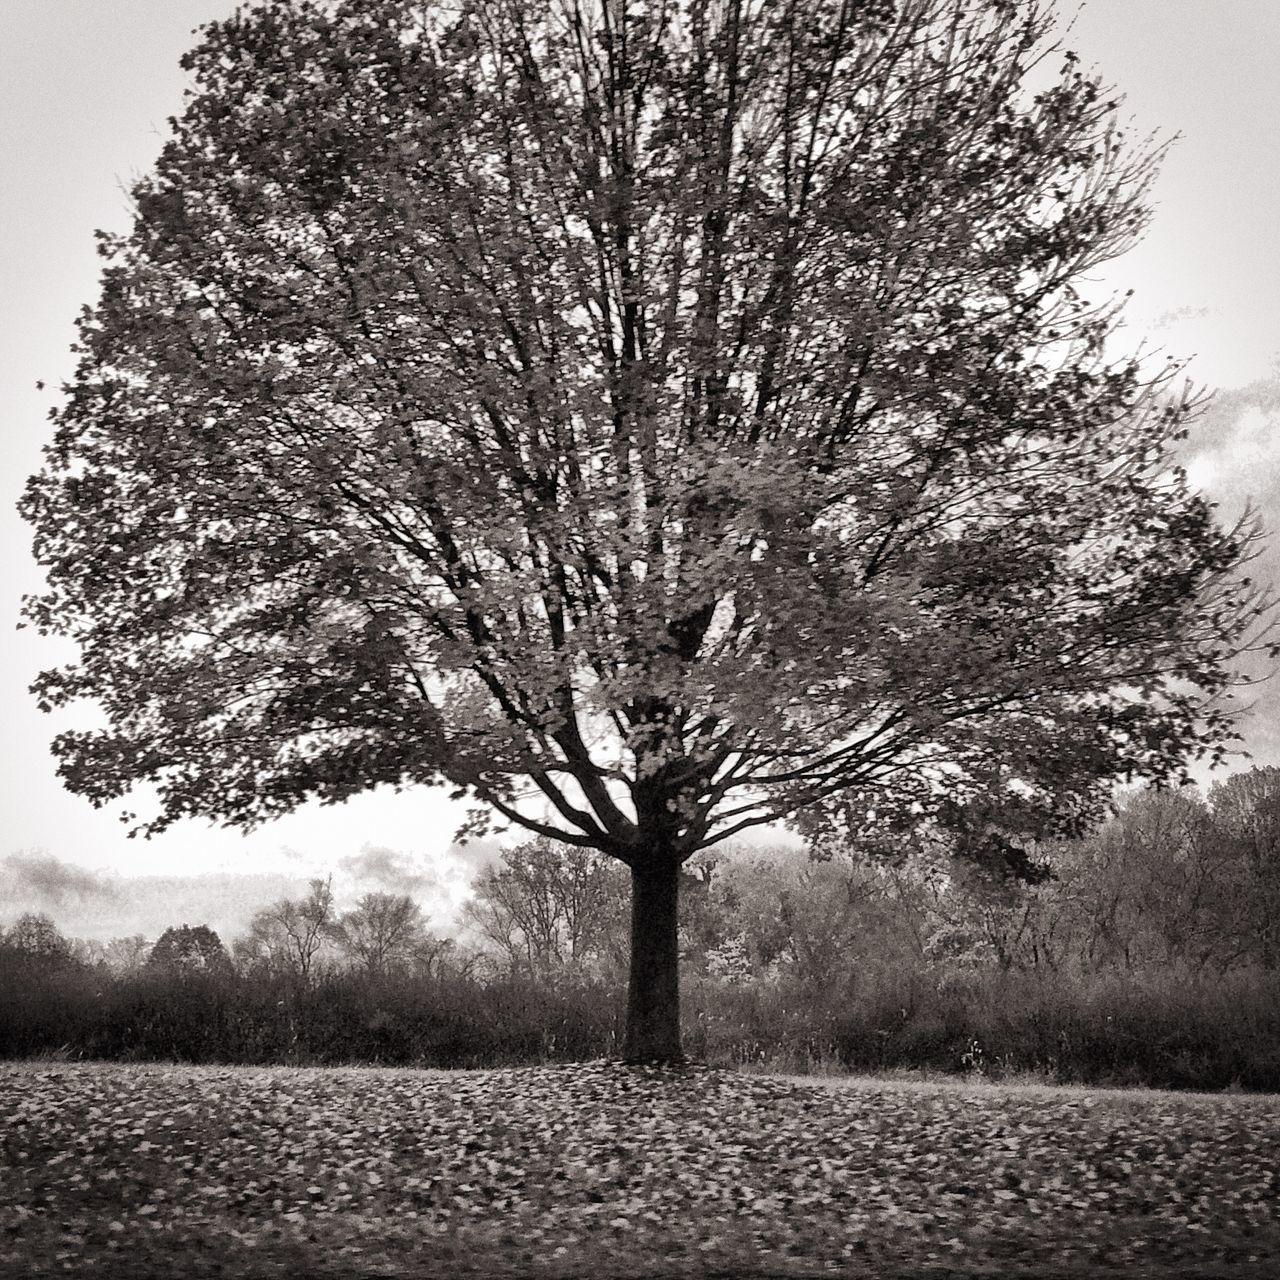 Showcase: November Black And White Nature